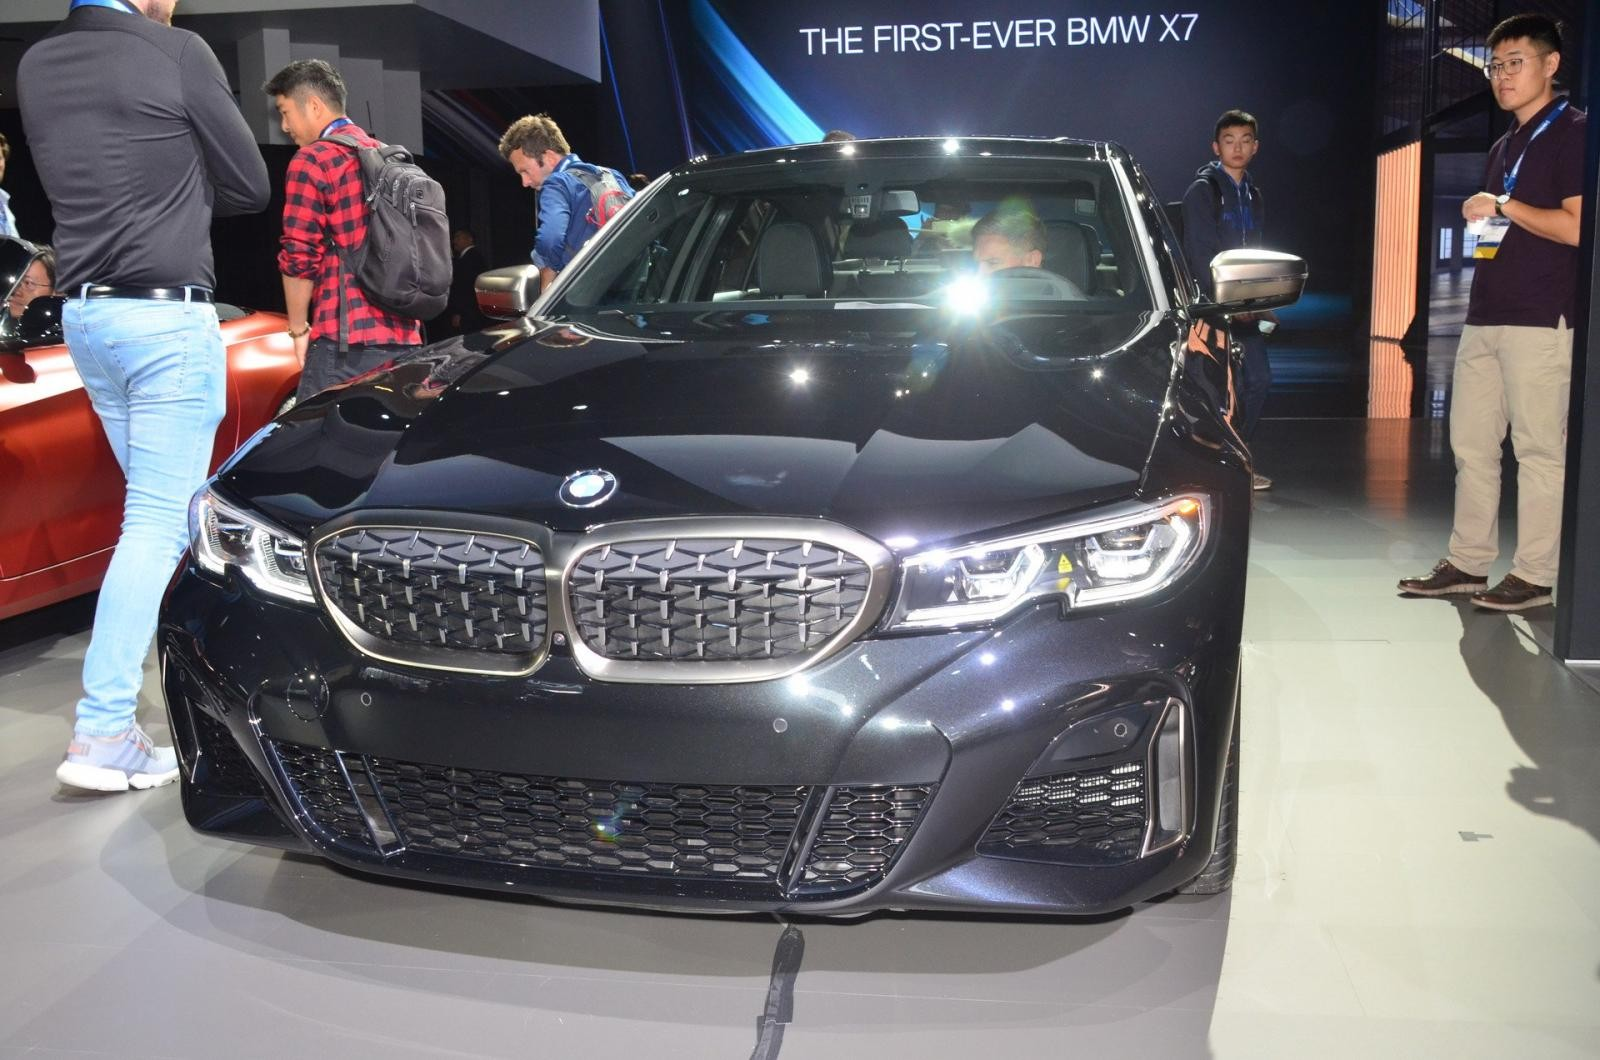 Đầu xe BMW M340i 2019 nổi bật với lưới tản nhiệt quả thận đặc trưng và cụm đèn pha sắc sảo, góc cạnh